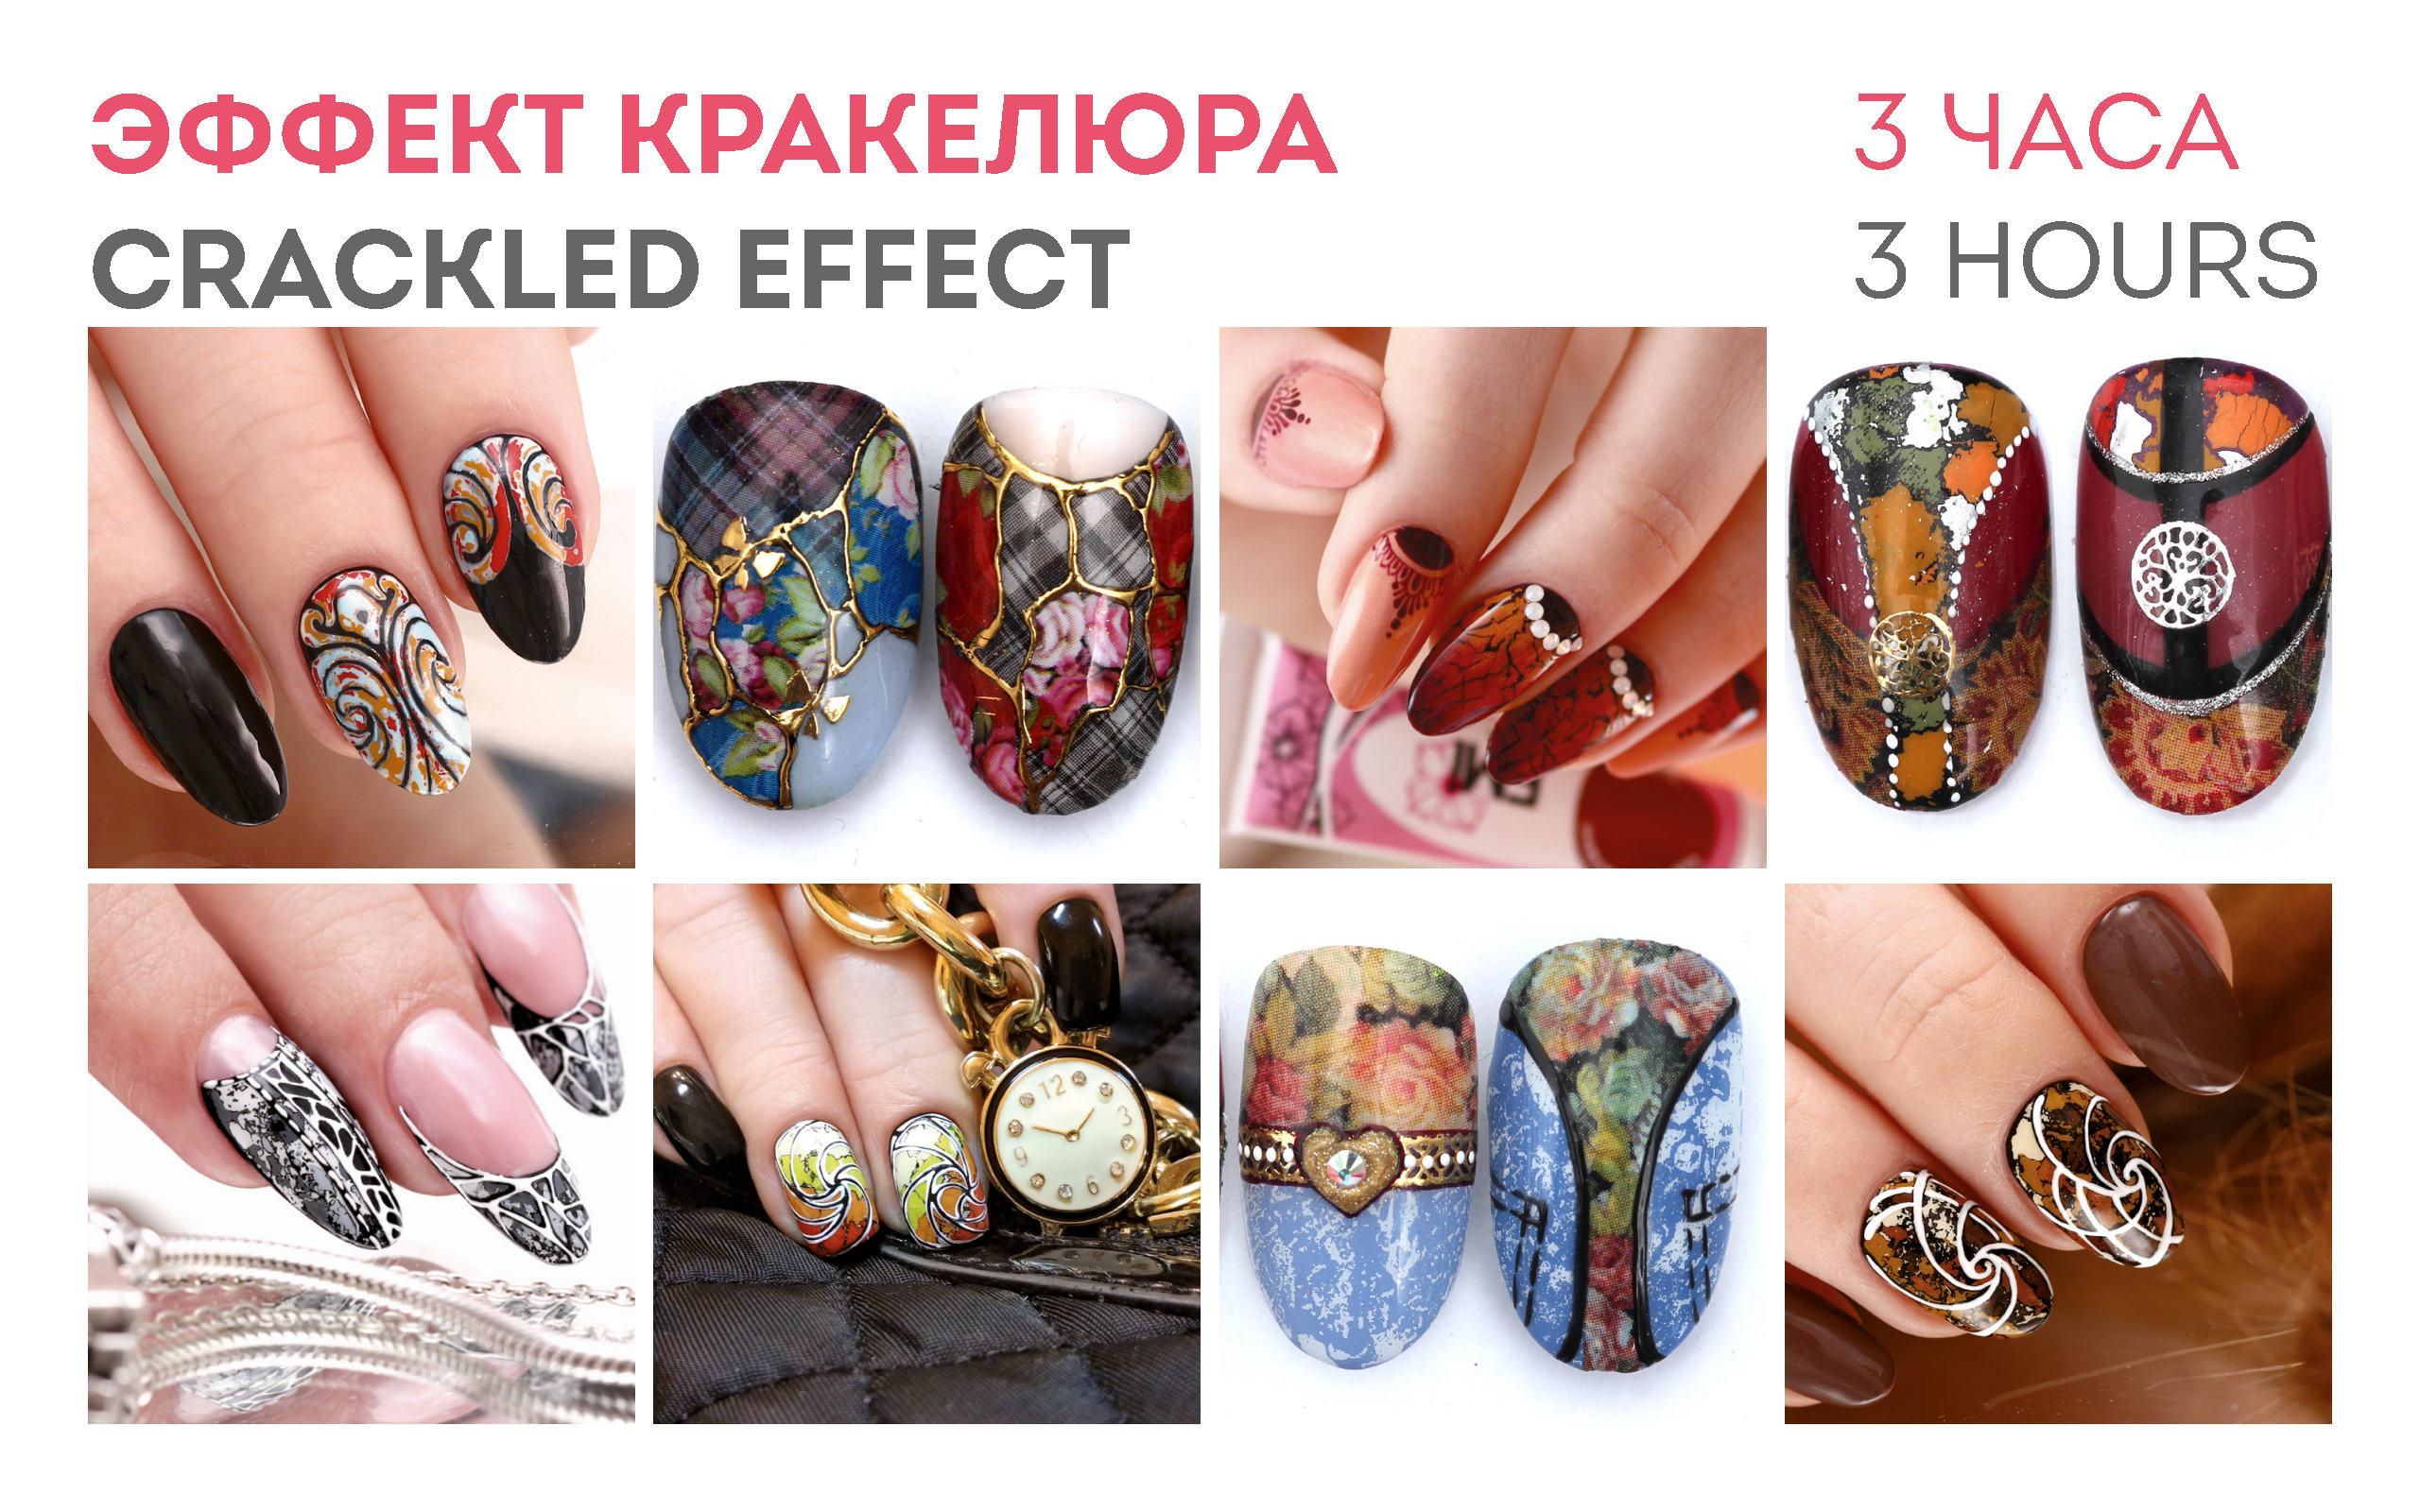 Эффект кракелюра на ногтях